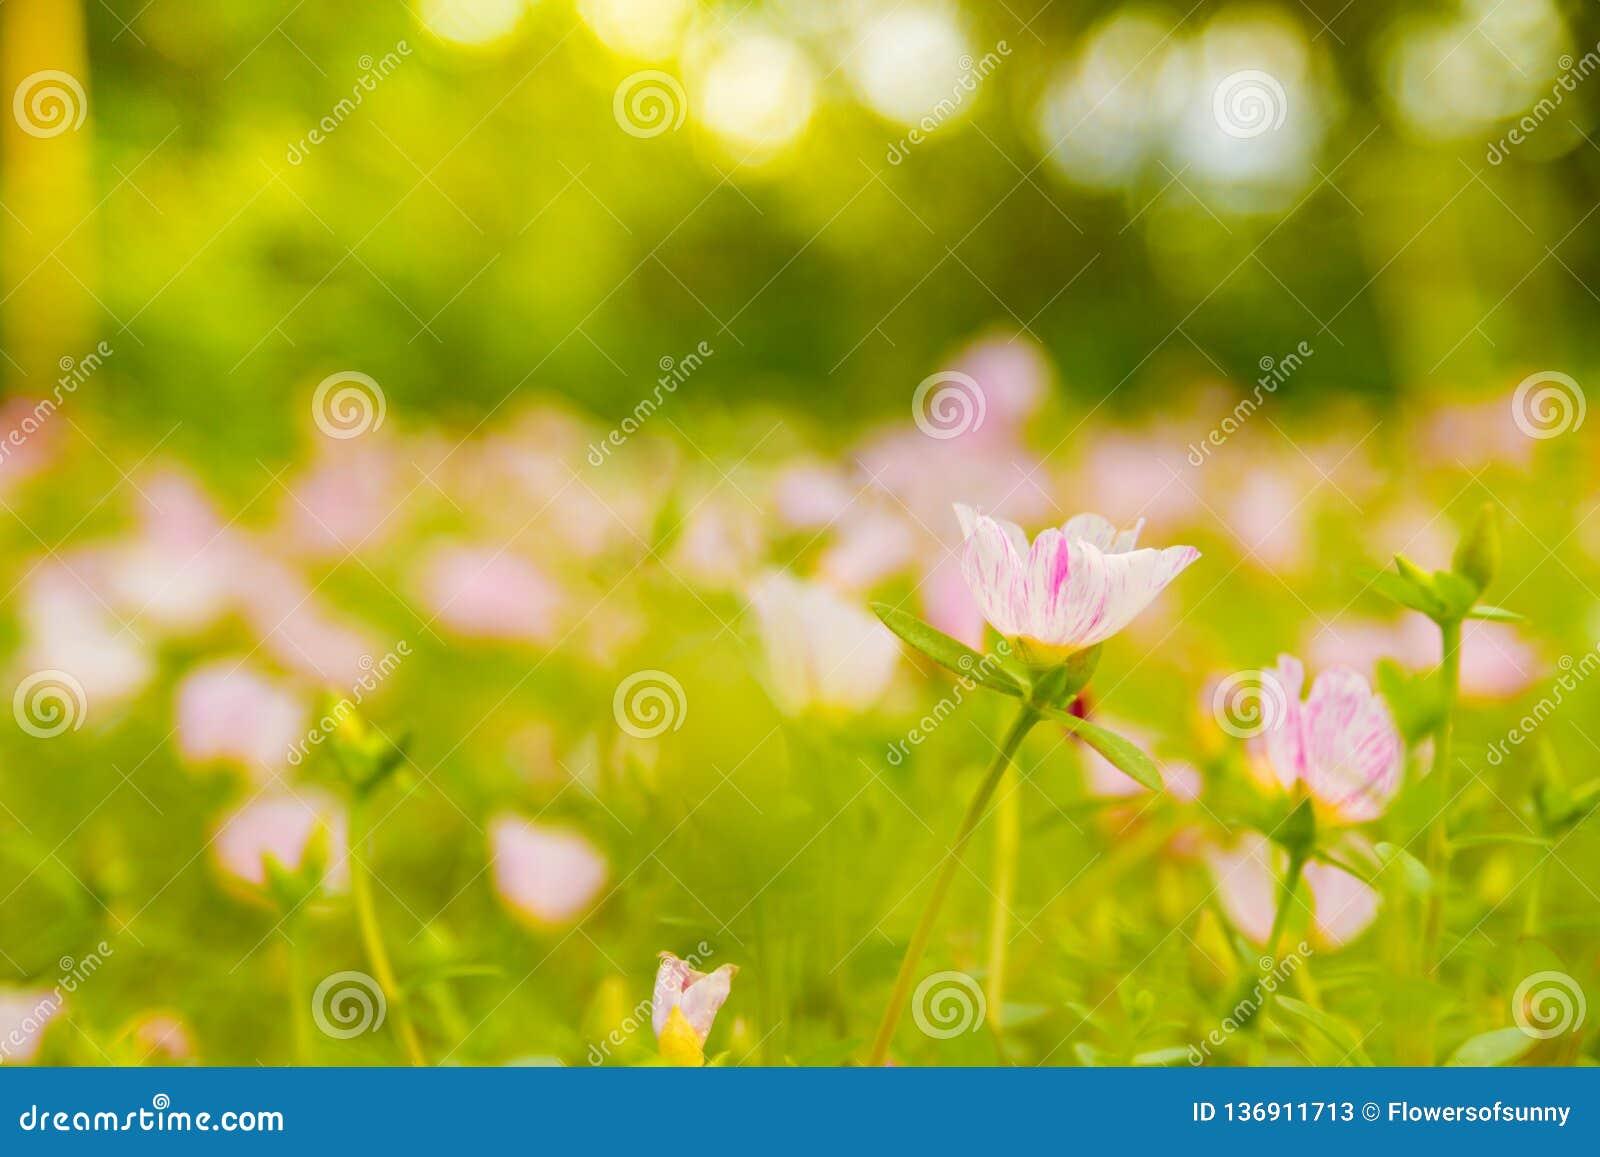 Ζωηρόχρωμο ρόδινο λουλούδι στον όμορφο κήπο